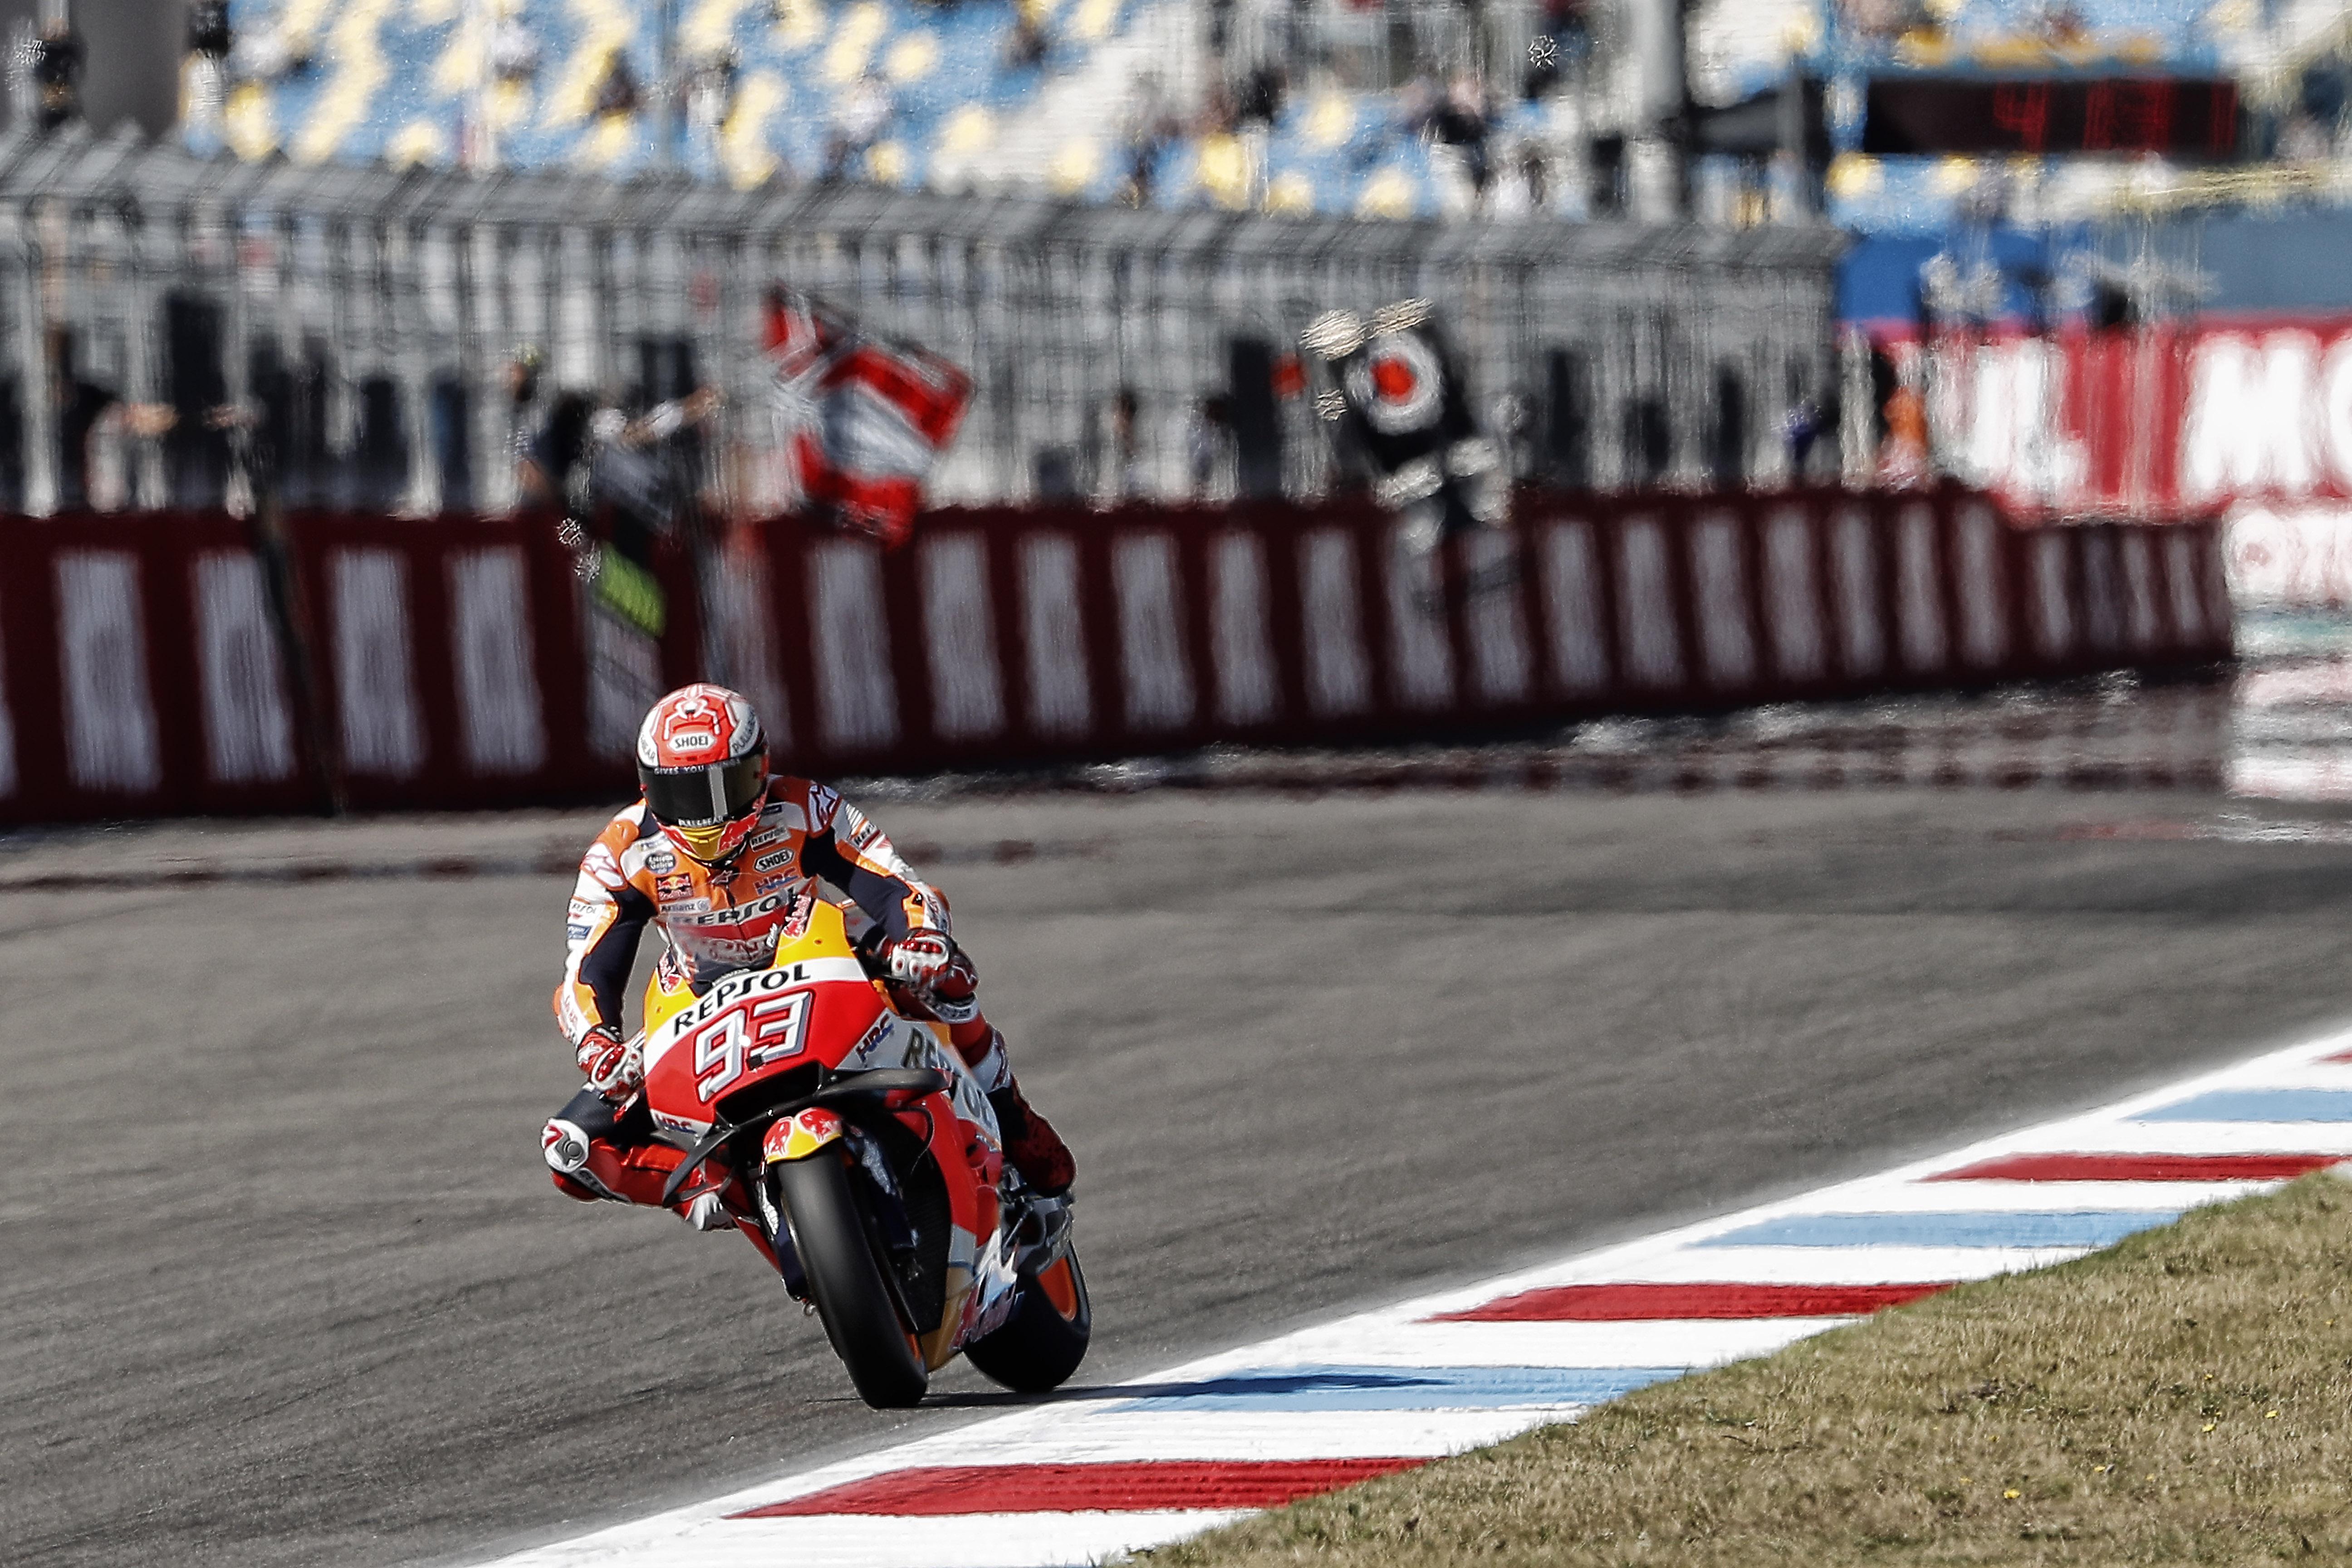 Marc Márquez se lleva una pole al estilo Moto3, en el último suspiro